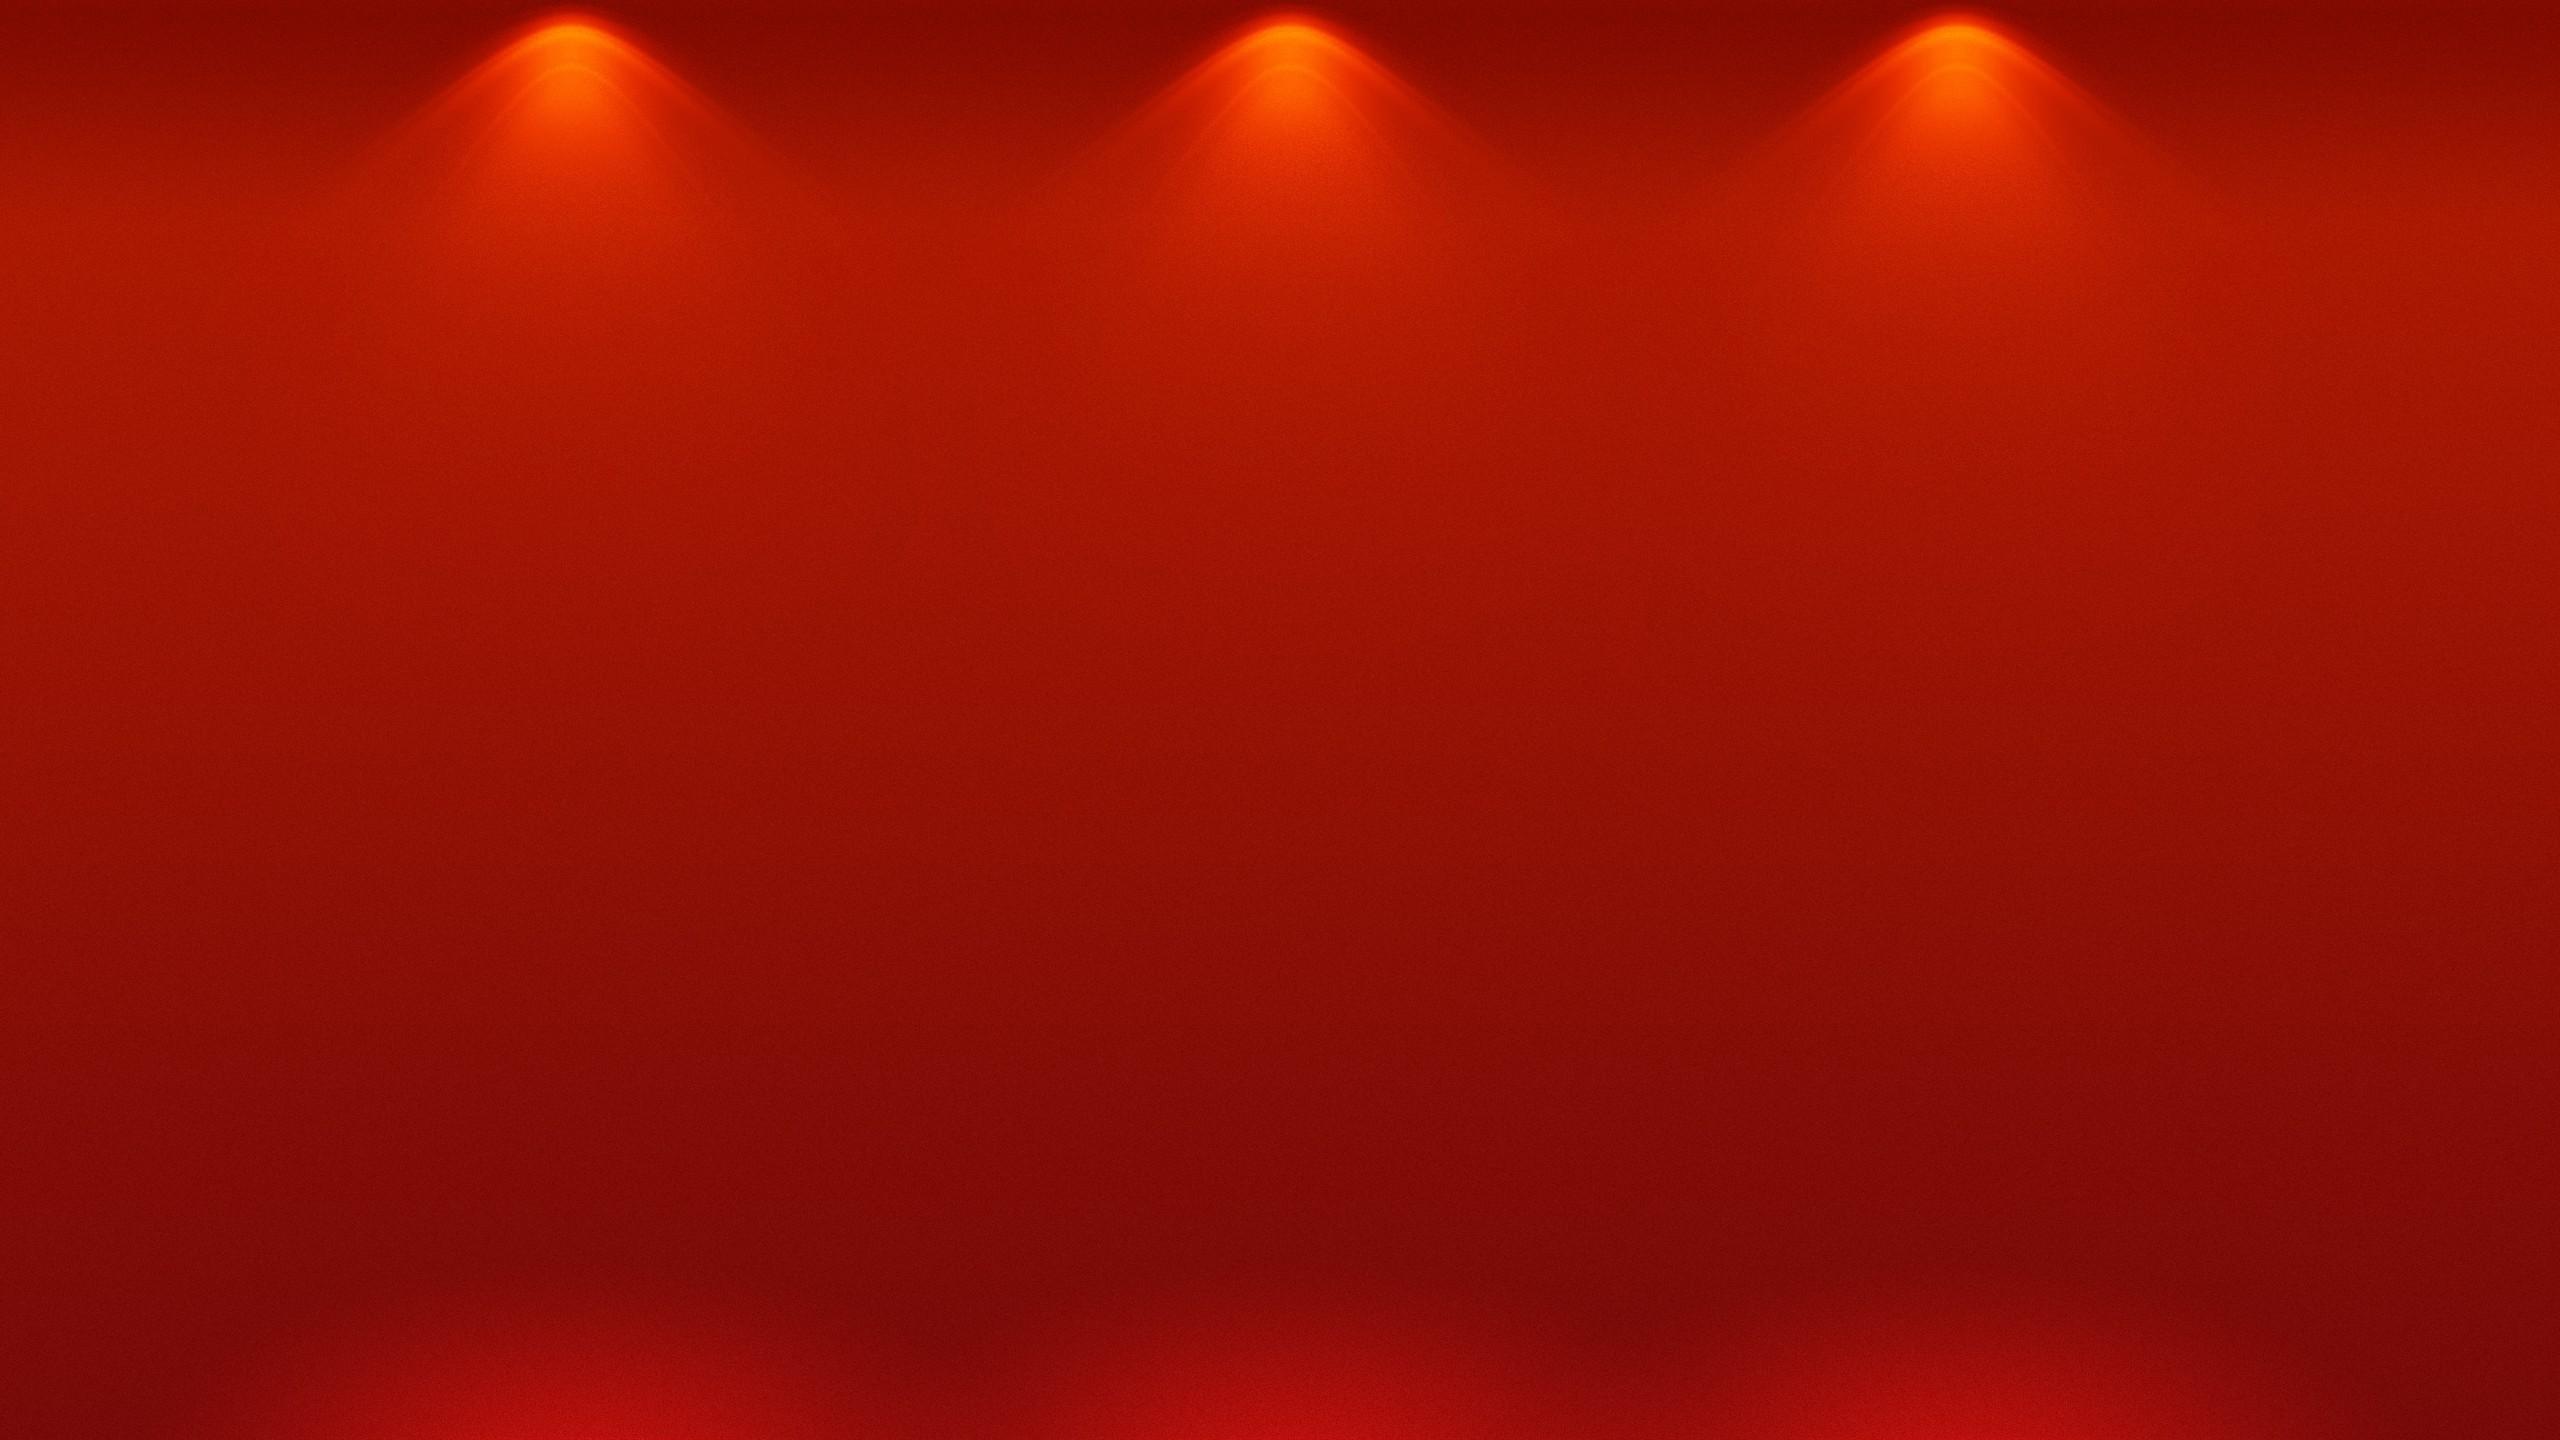 Fond Décran Lumière Du Soleil Lumières Rouge Soleil